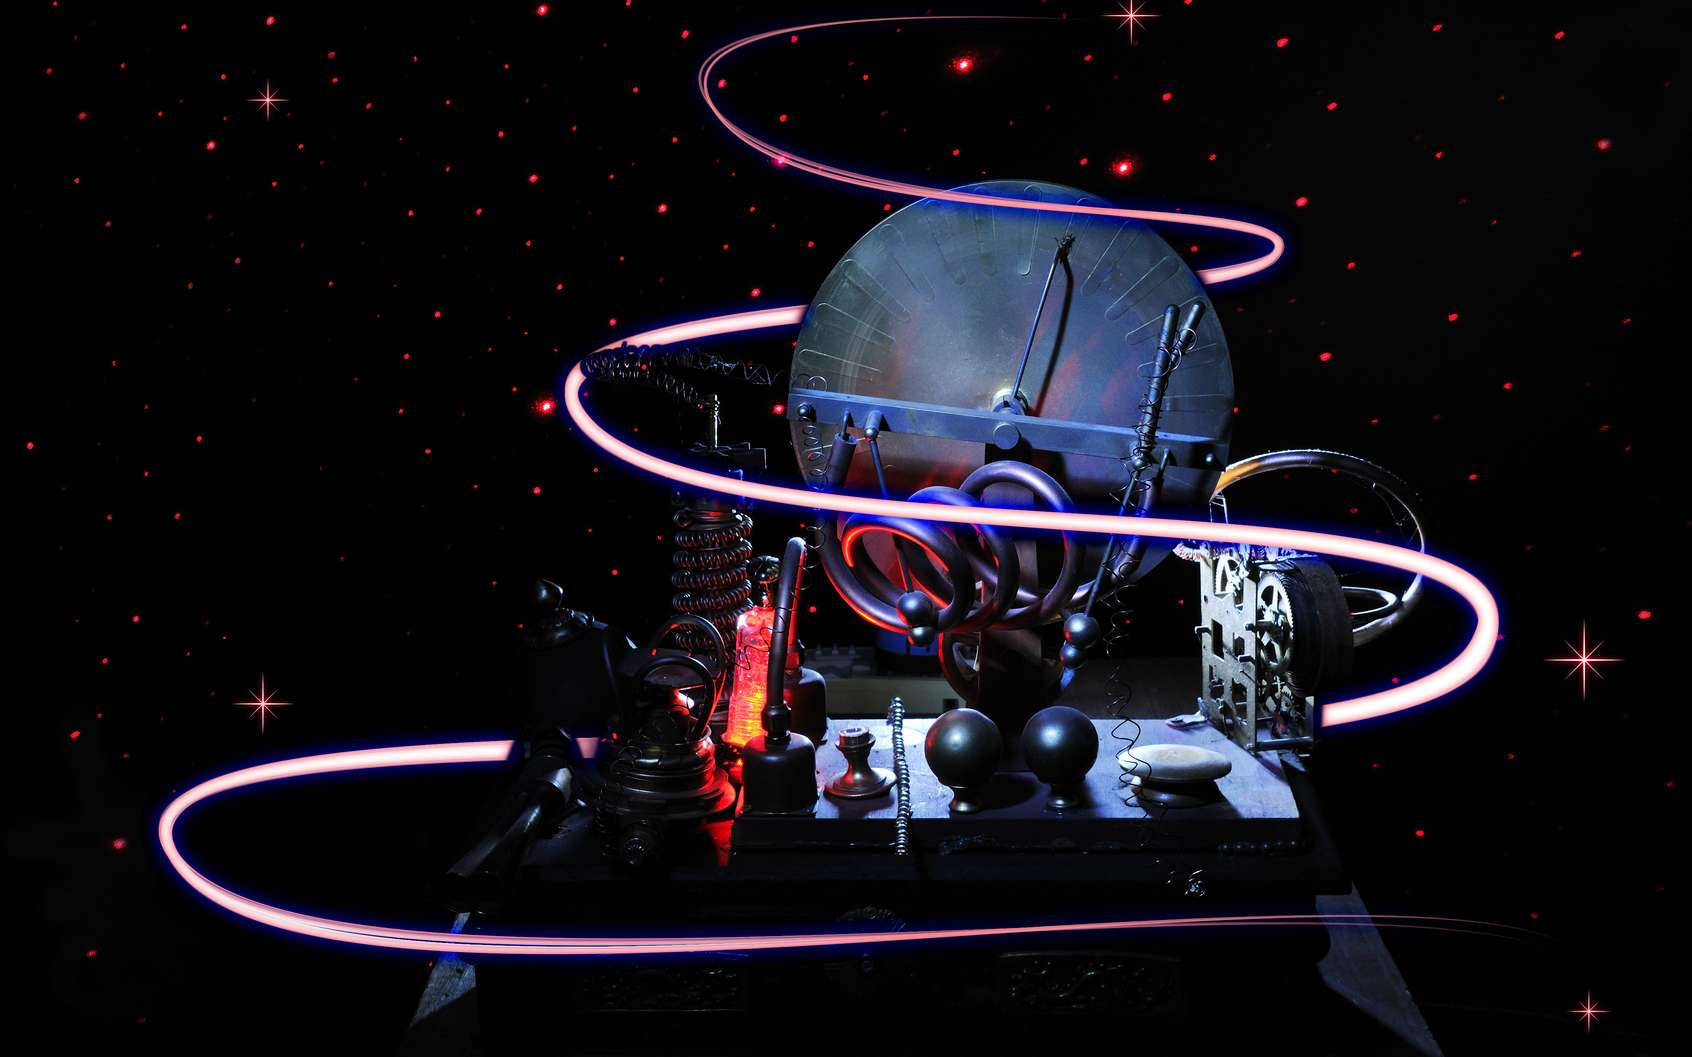 La machine inventée par le savant lui permettra de voyager dans le futur et de découvrir les créatures de l'an 802701. © Lijuan Guo, Fotolia